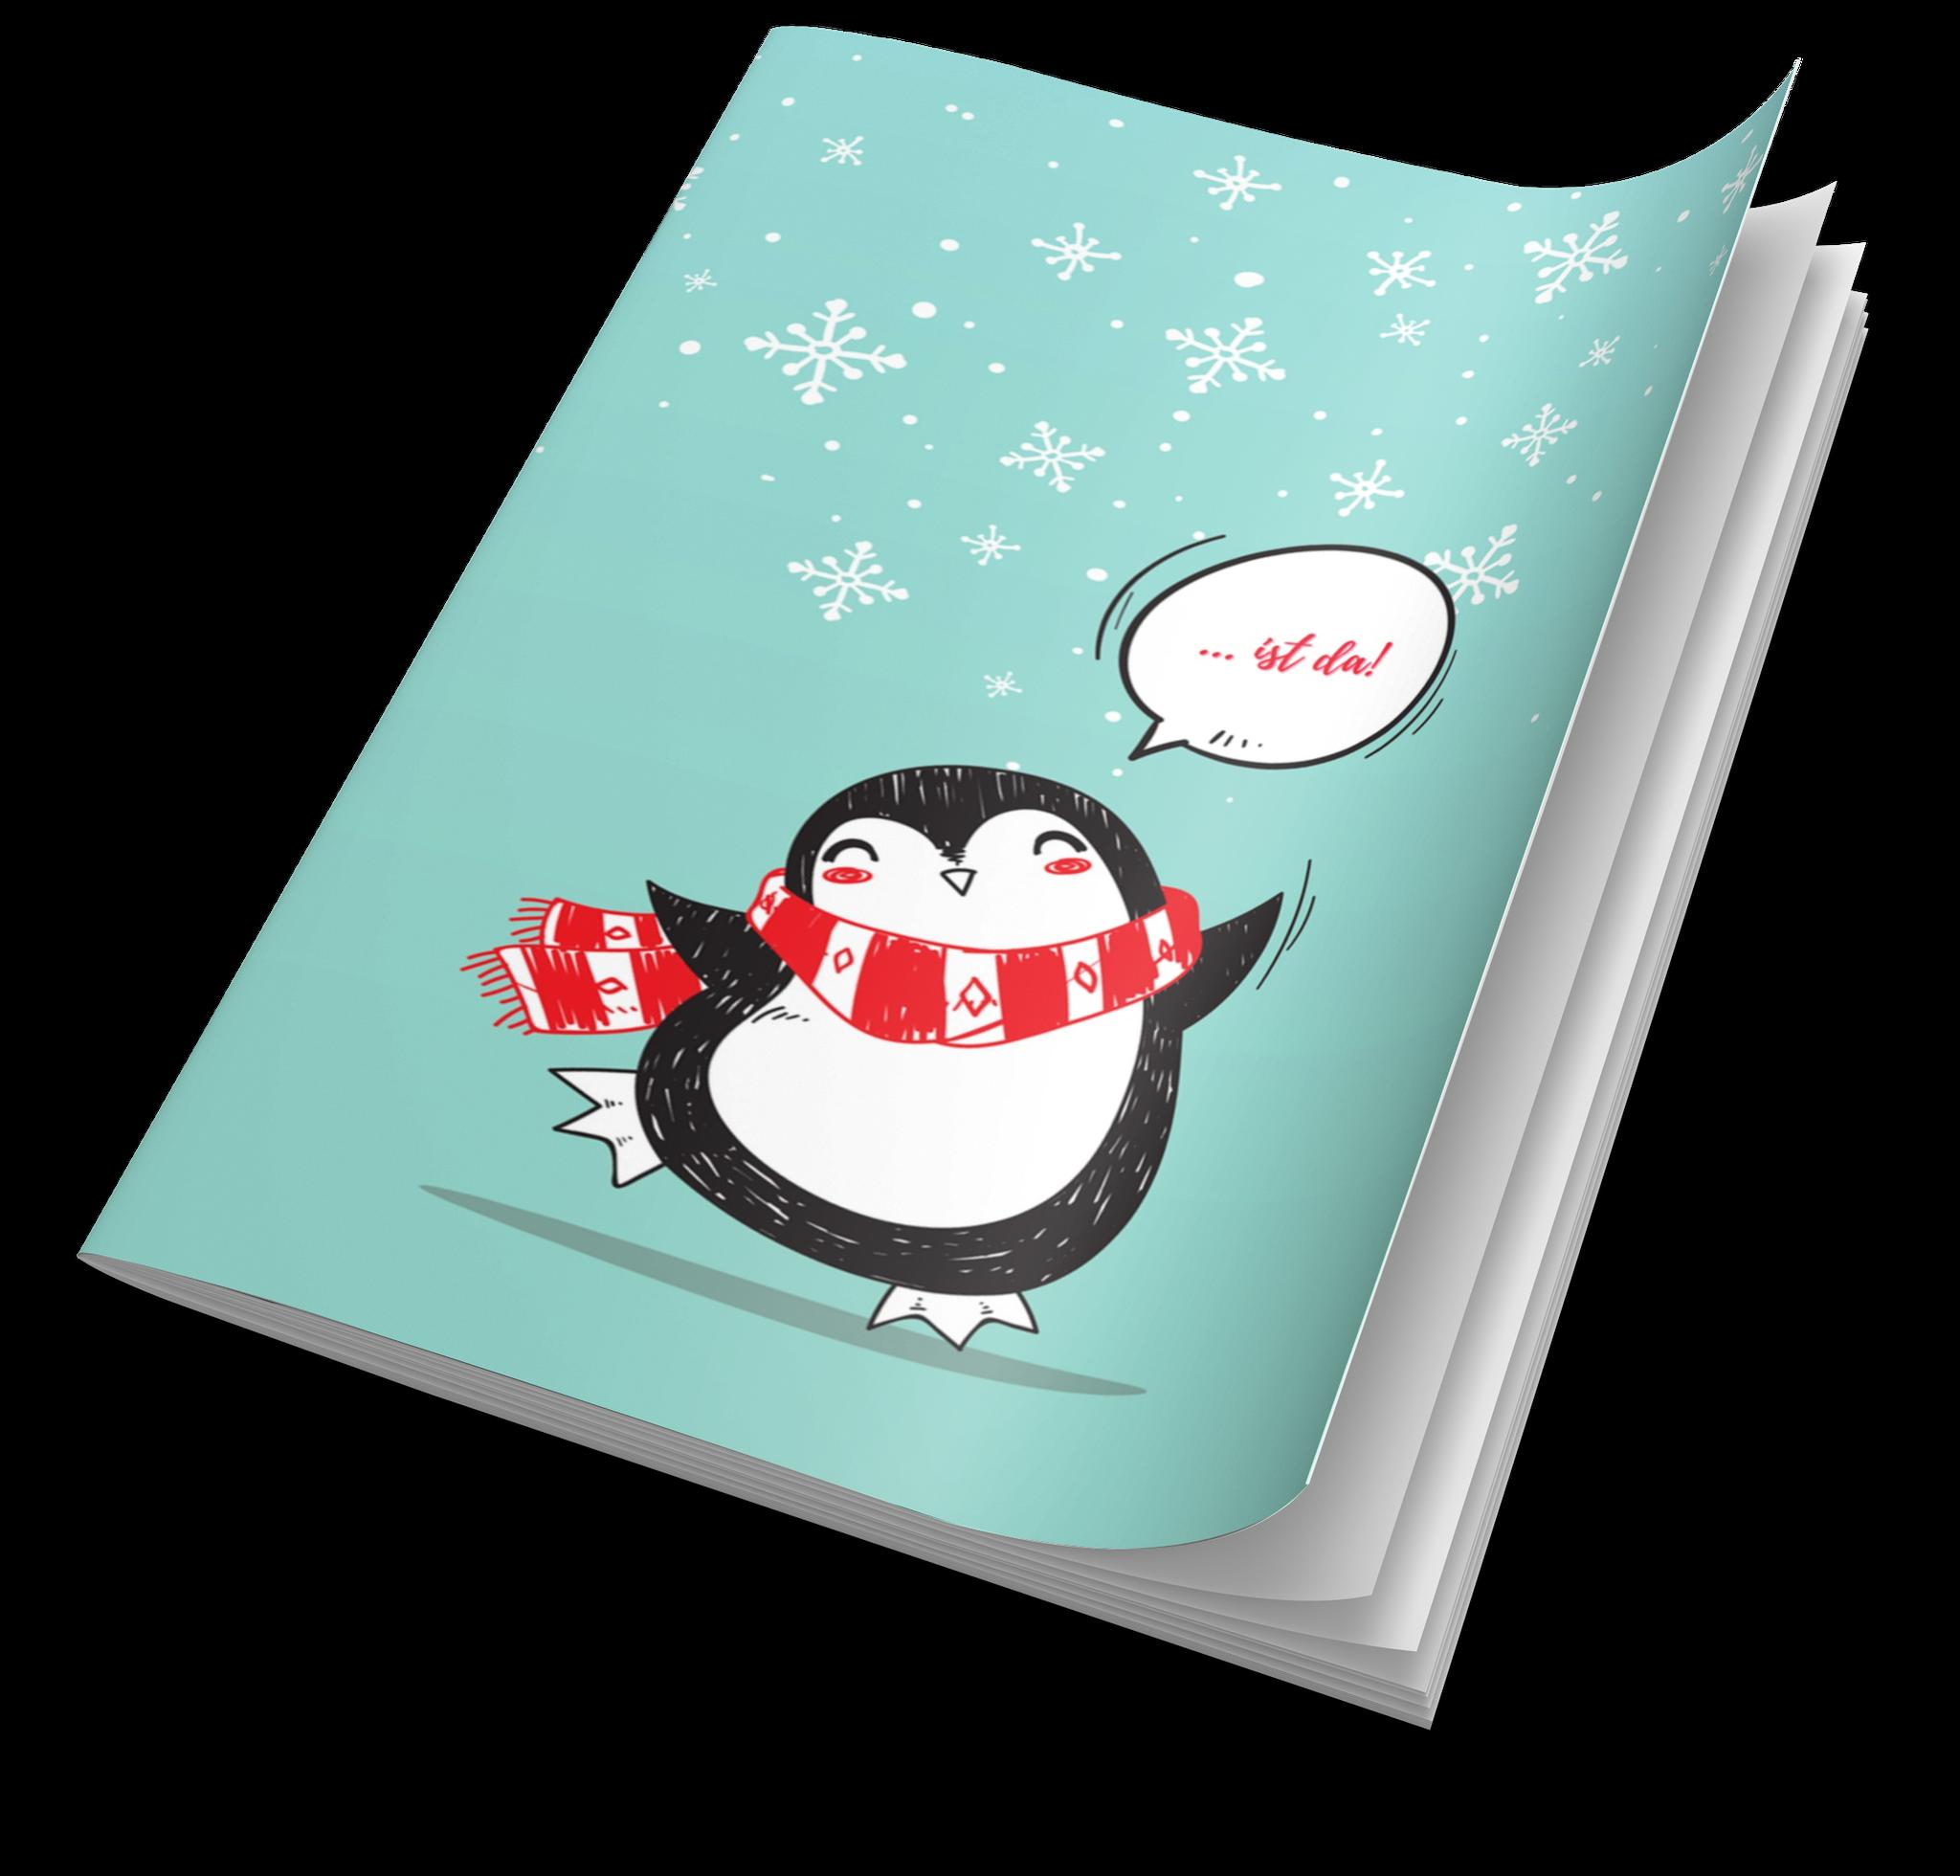 Weihnachts-Journal